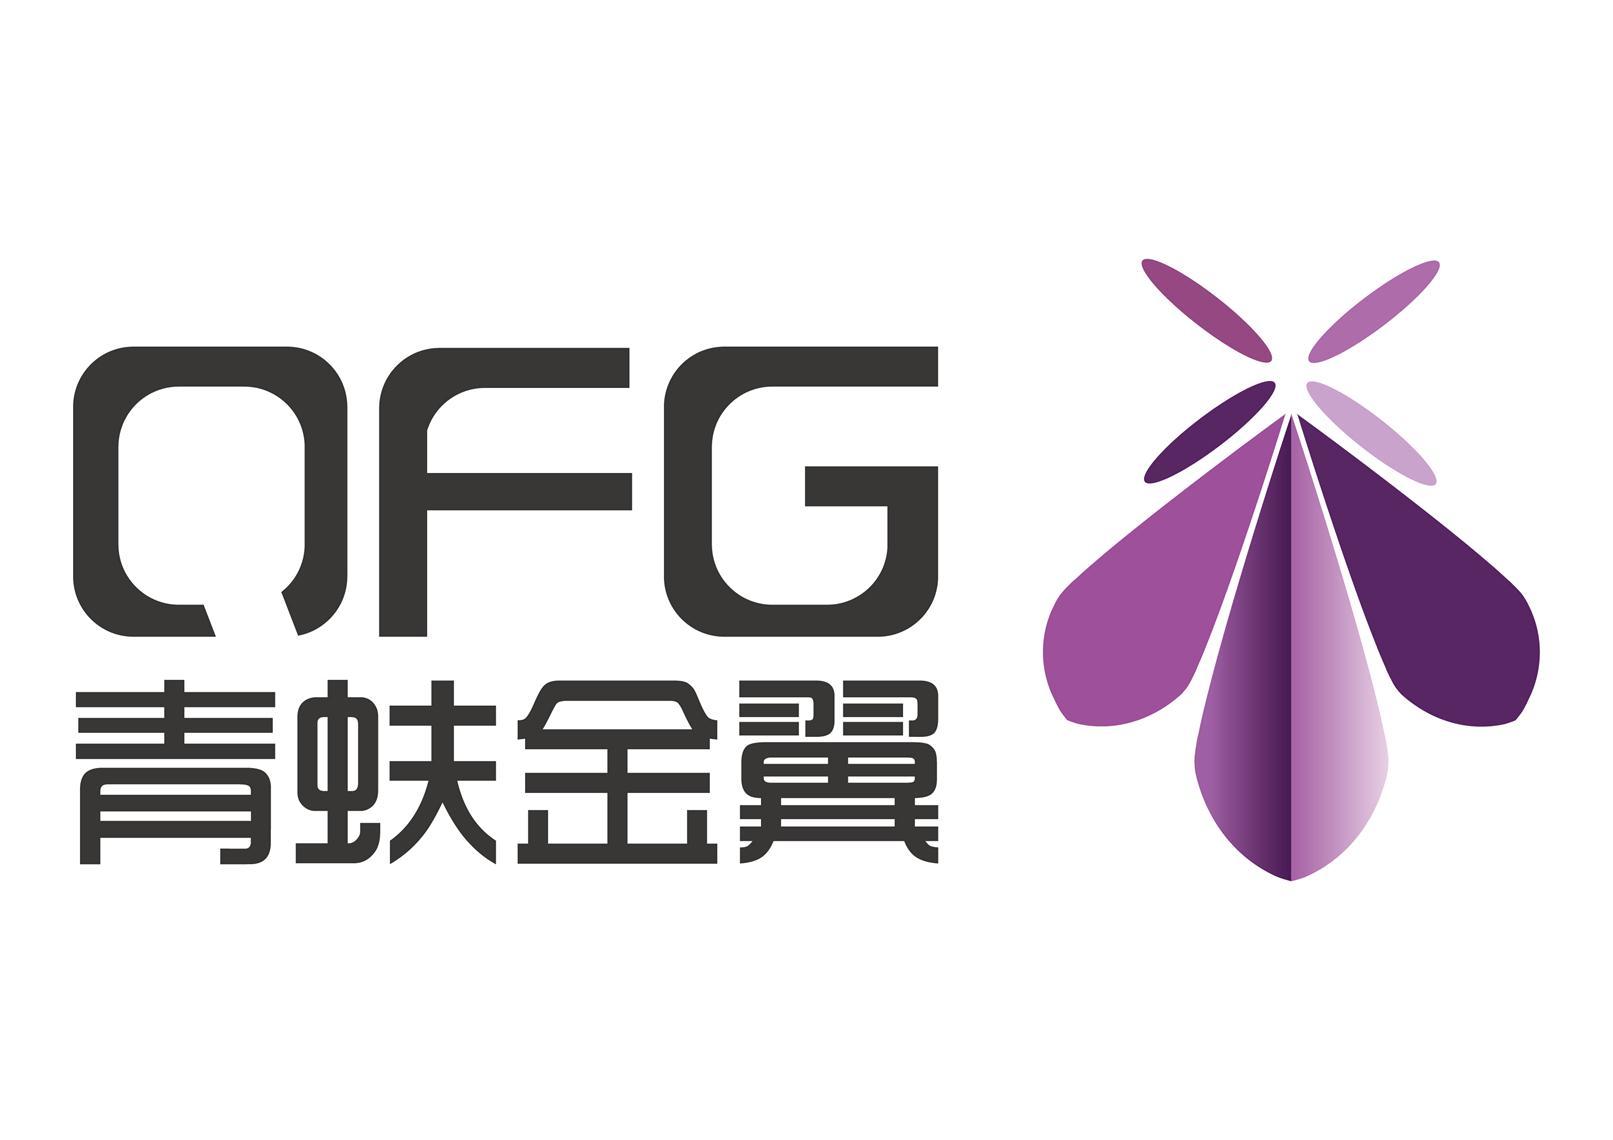 青蚨金翼科技发展(北京)有限公司苏州分公司